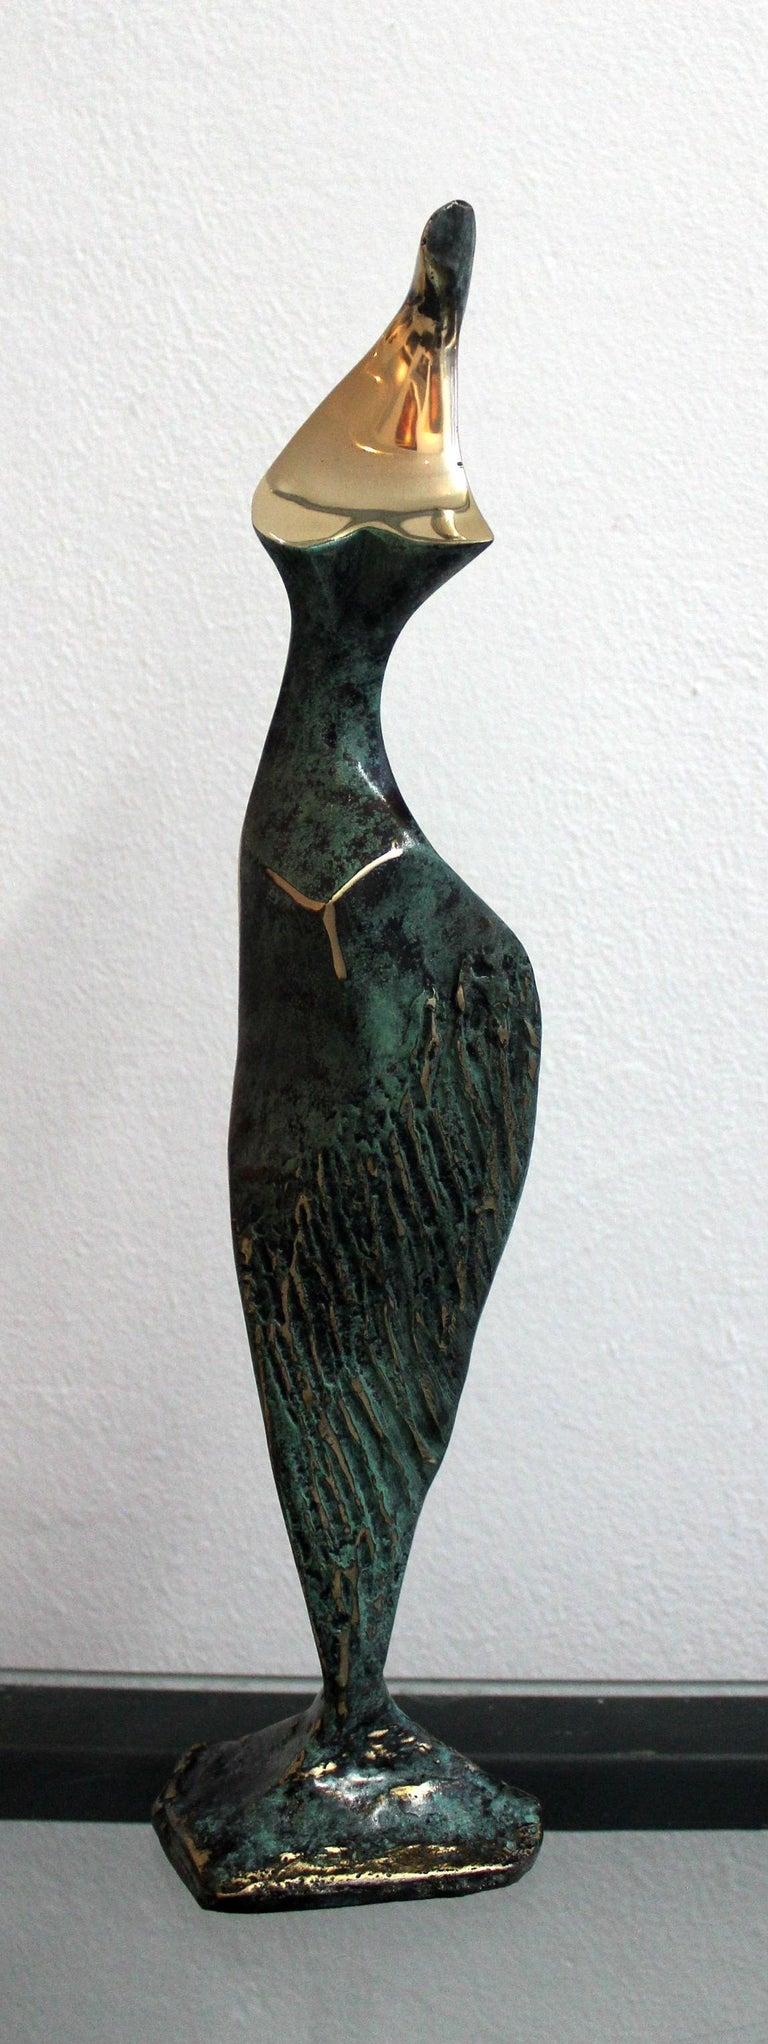 Stanisław Wysocki Figurative Sculpture - Dame - XXI Century, Contemporary Bronze Sculpture, Figurative, Nude, Abstract